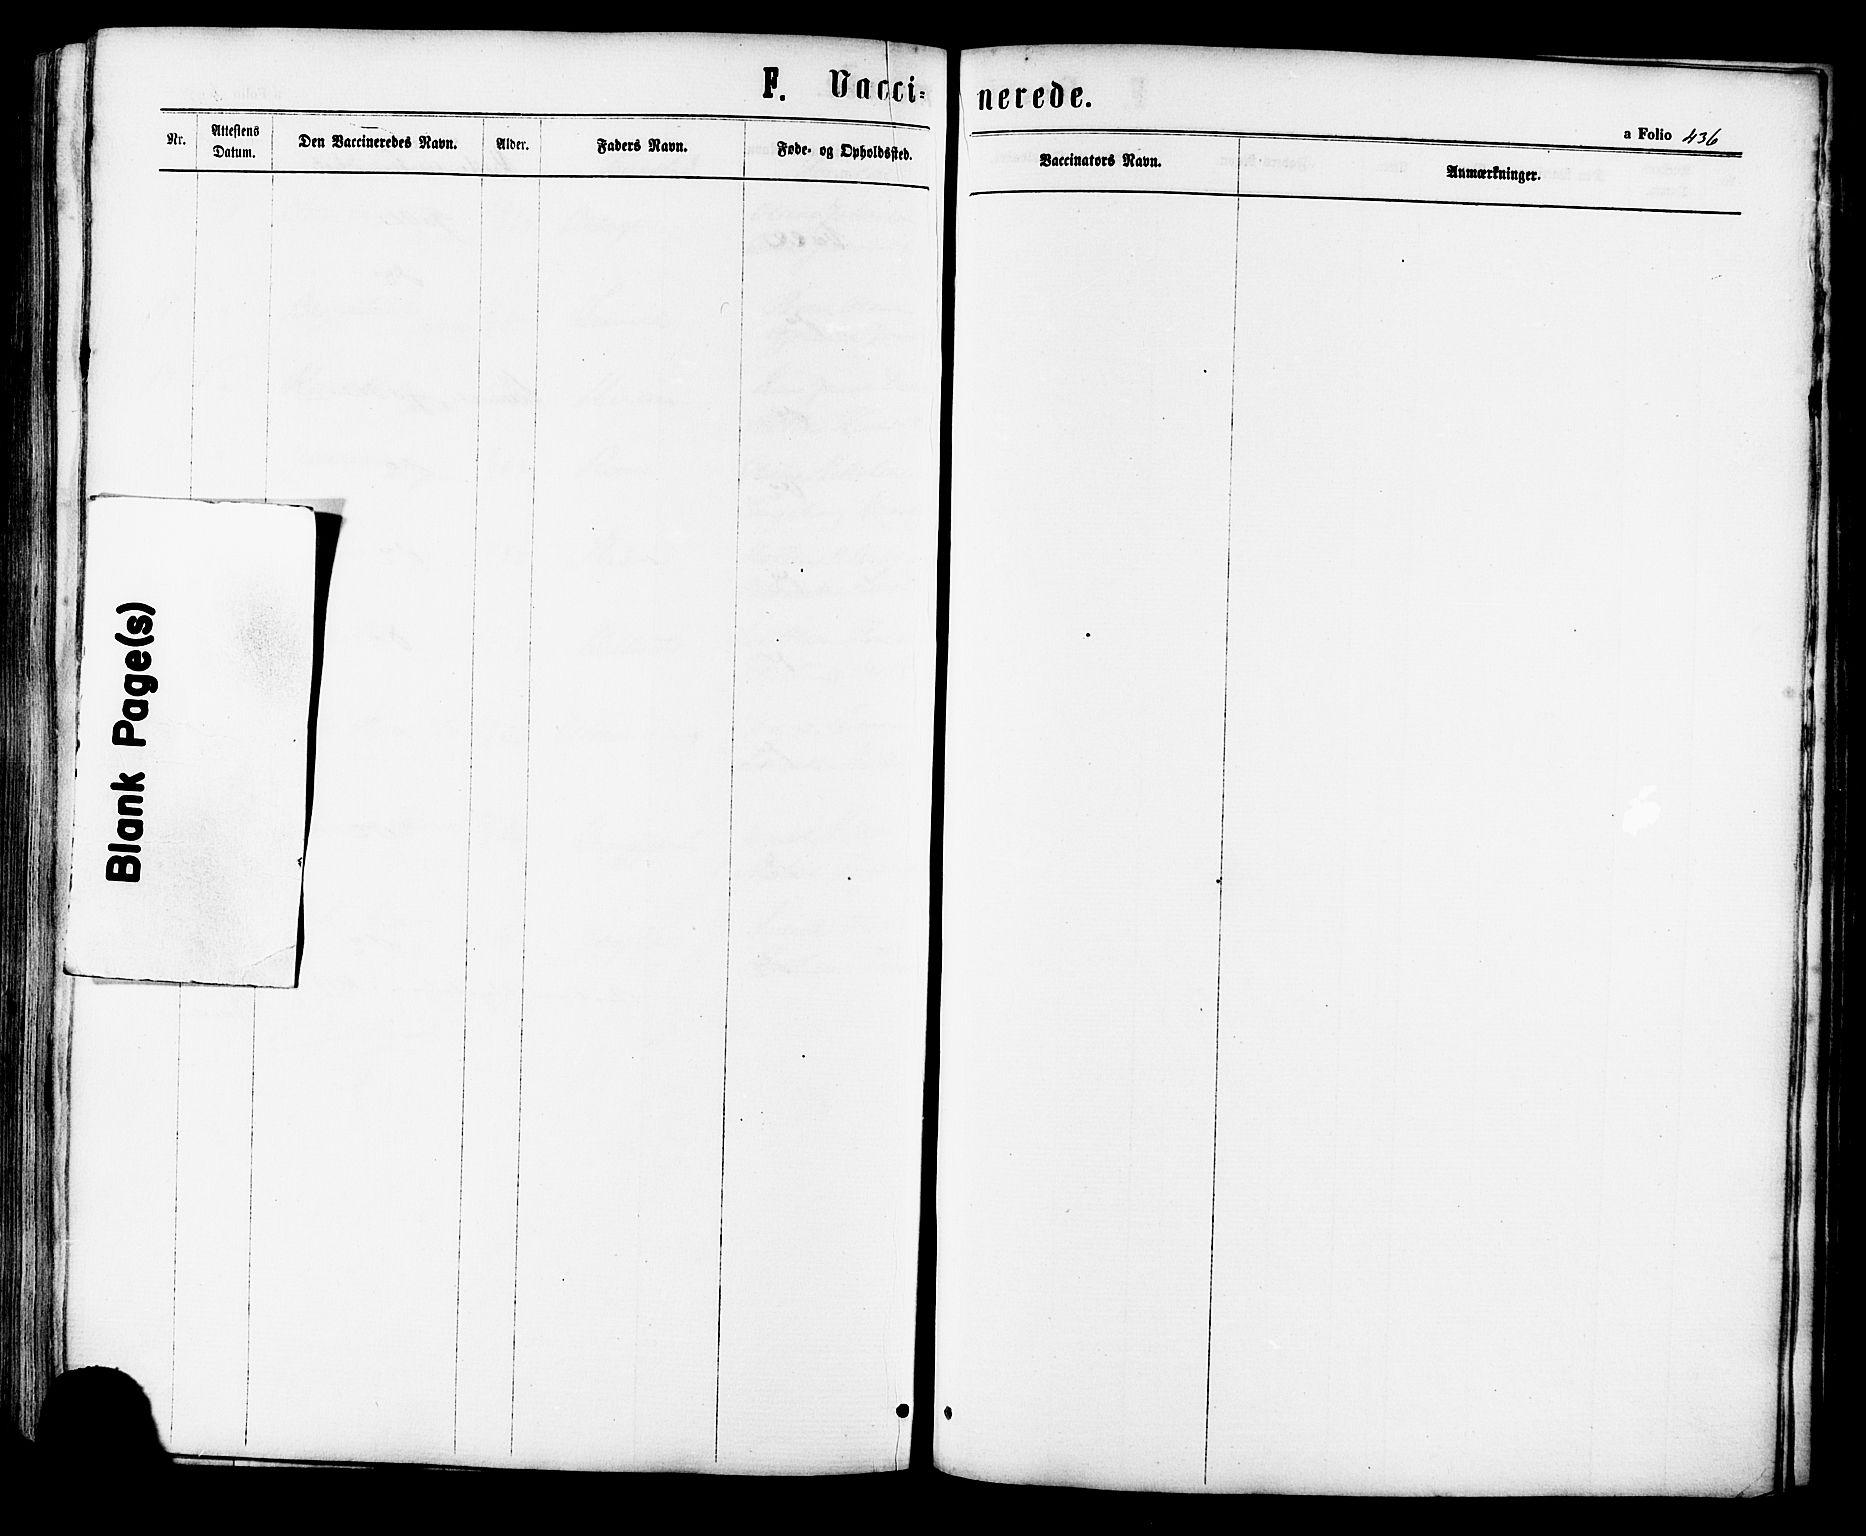 SAT, Ministerialprotokoller, klokkerbøker og fødselsregistre - Sør-Trøndelag, 657/L0706: Ministerialbok nr. 657A07, 1867-1878, s. 436